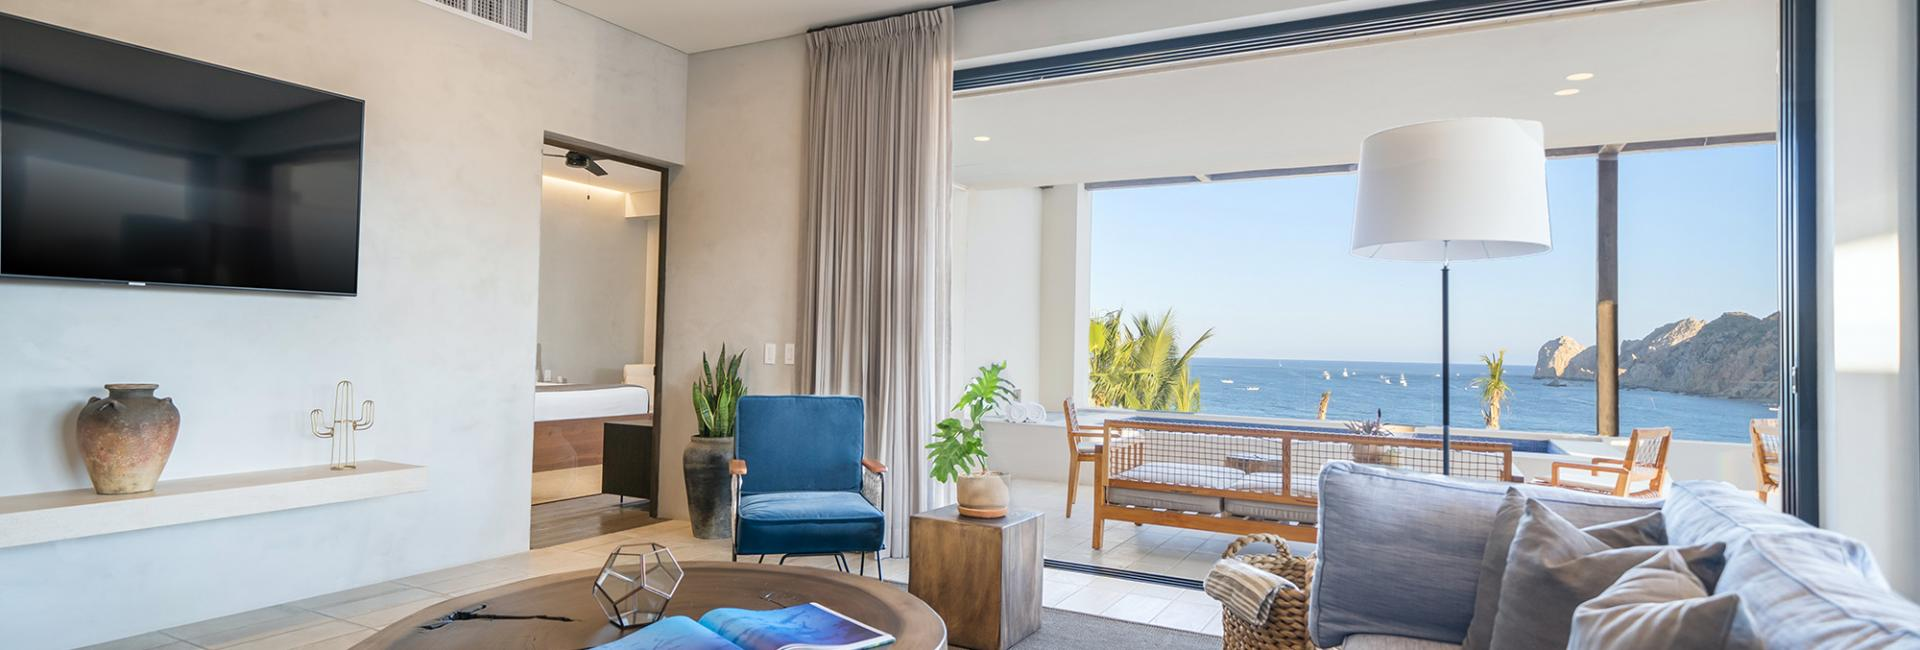 Three Bedroom Plus Den Ocean View Home Living Room